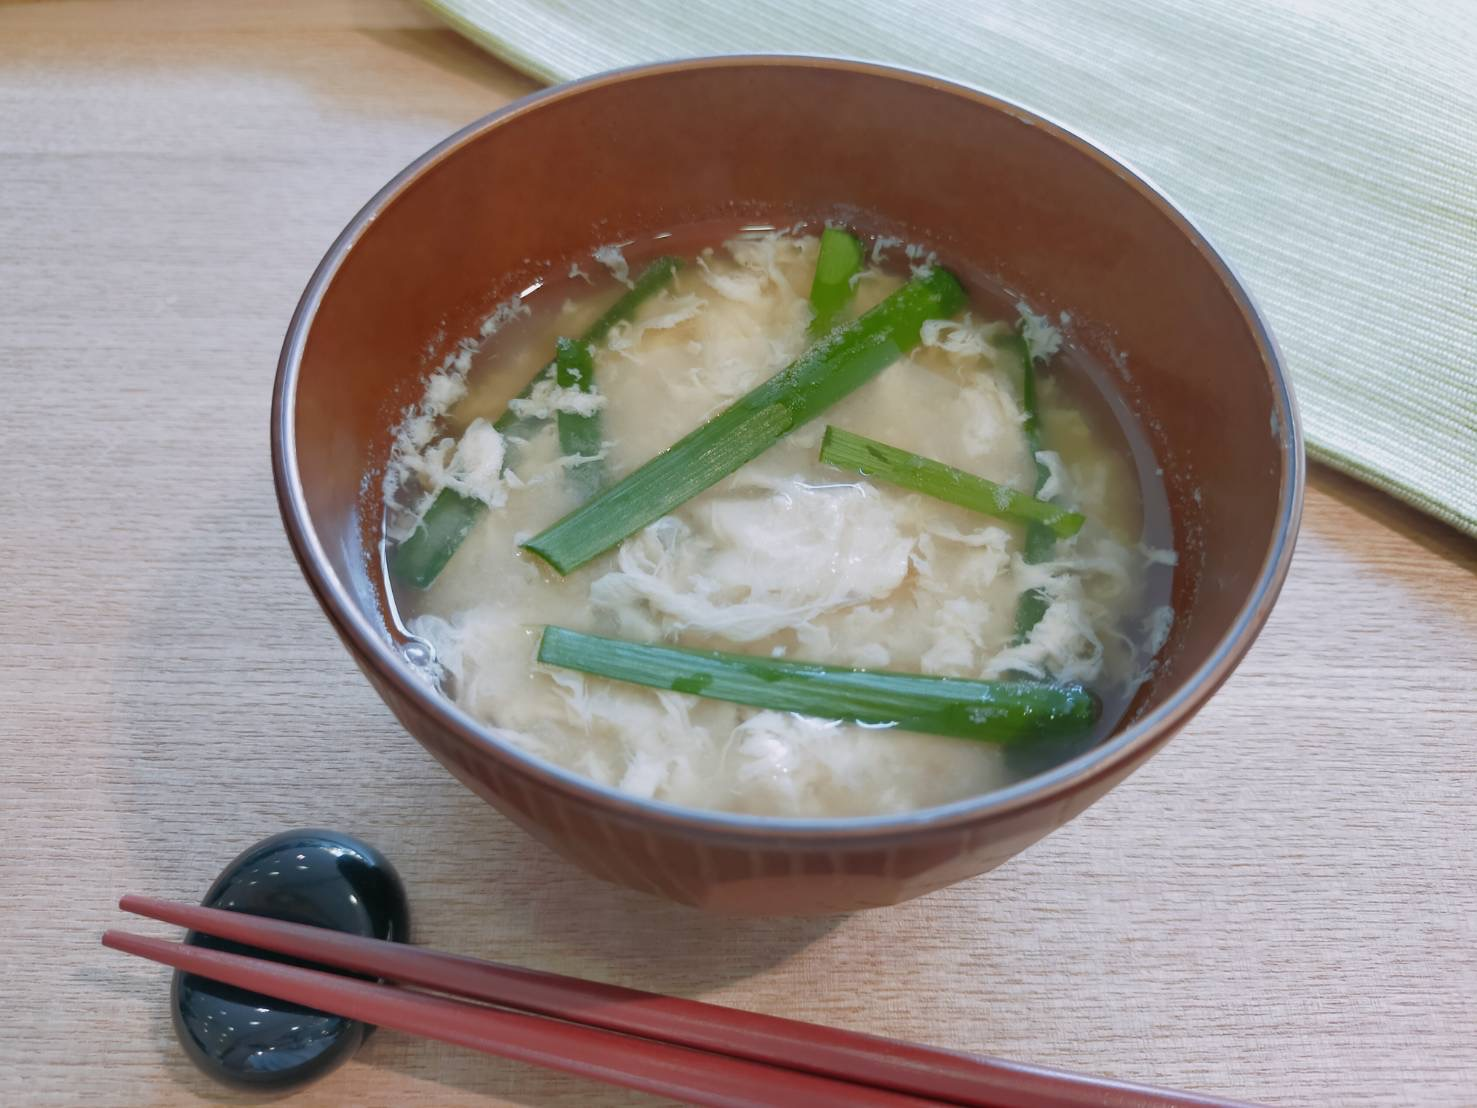 ふわふわ卵のニラ玉味噌汁